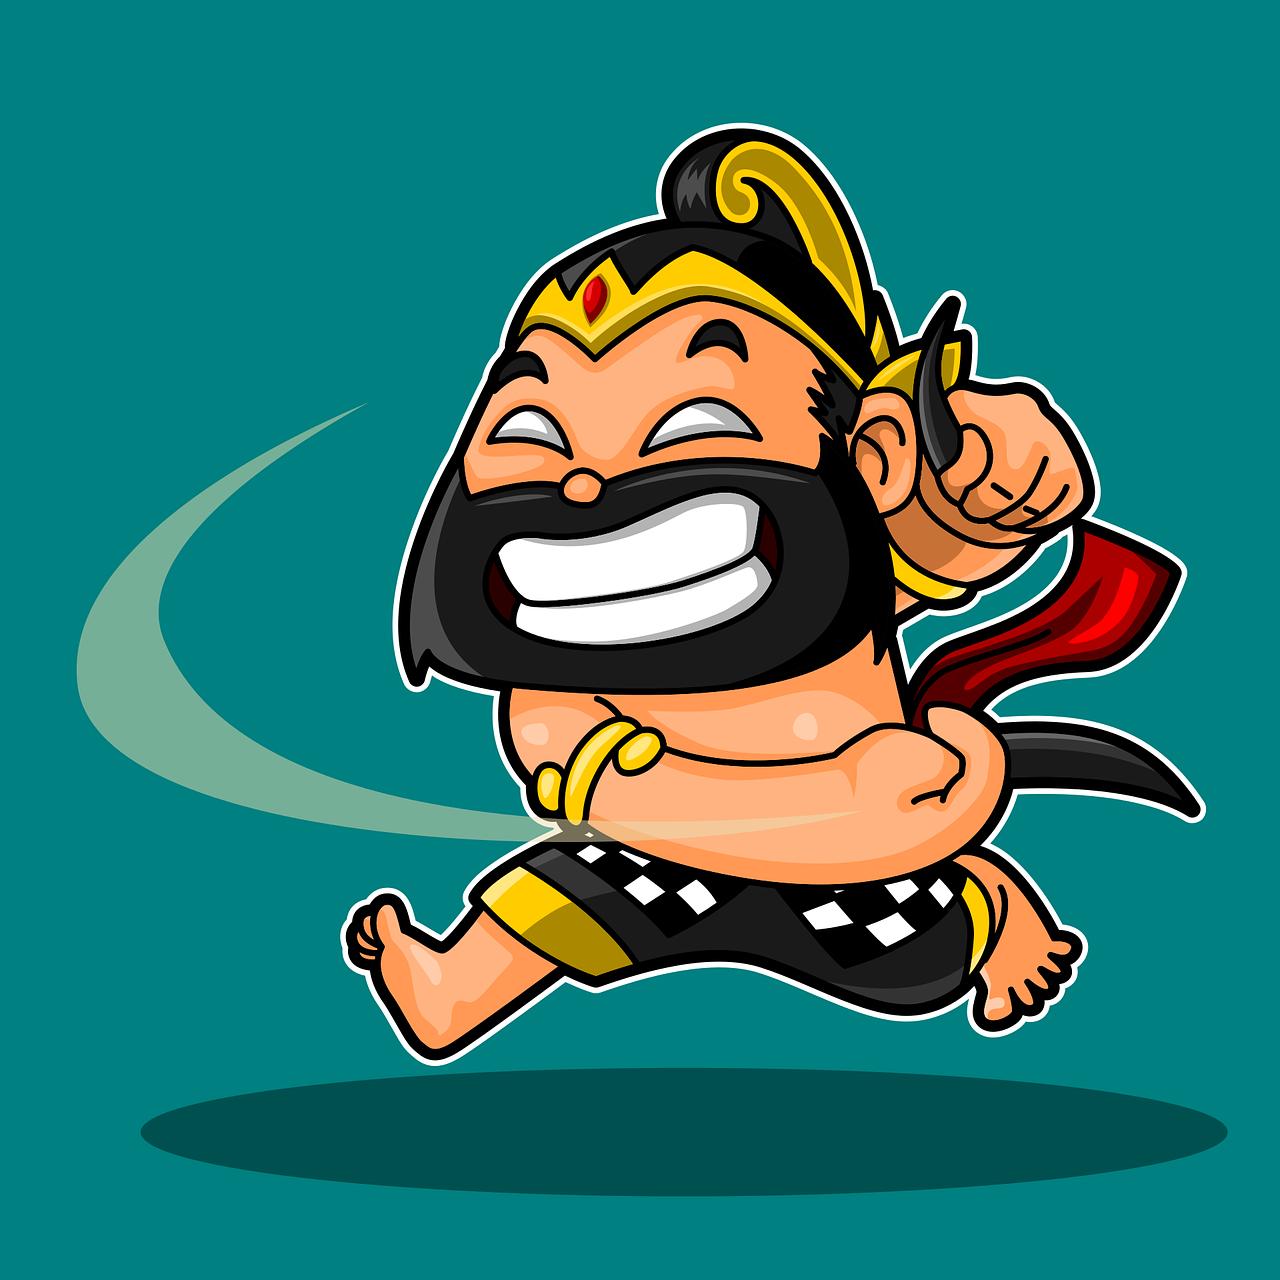 bima werkudara wayang free vector graphic on pixabay https creativecommons org licenses publicdomain